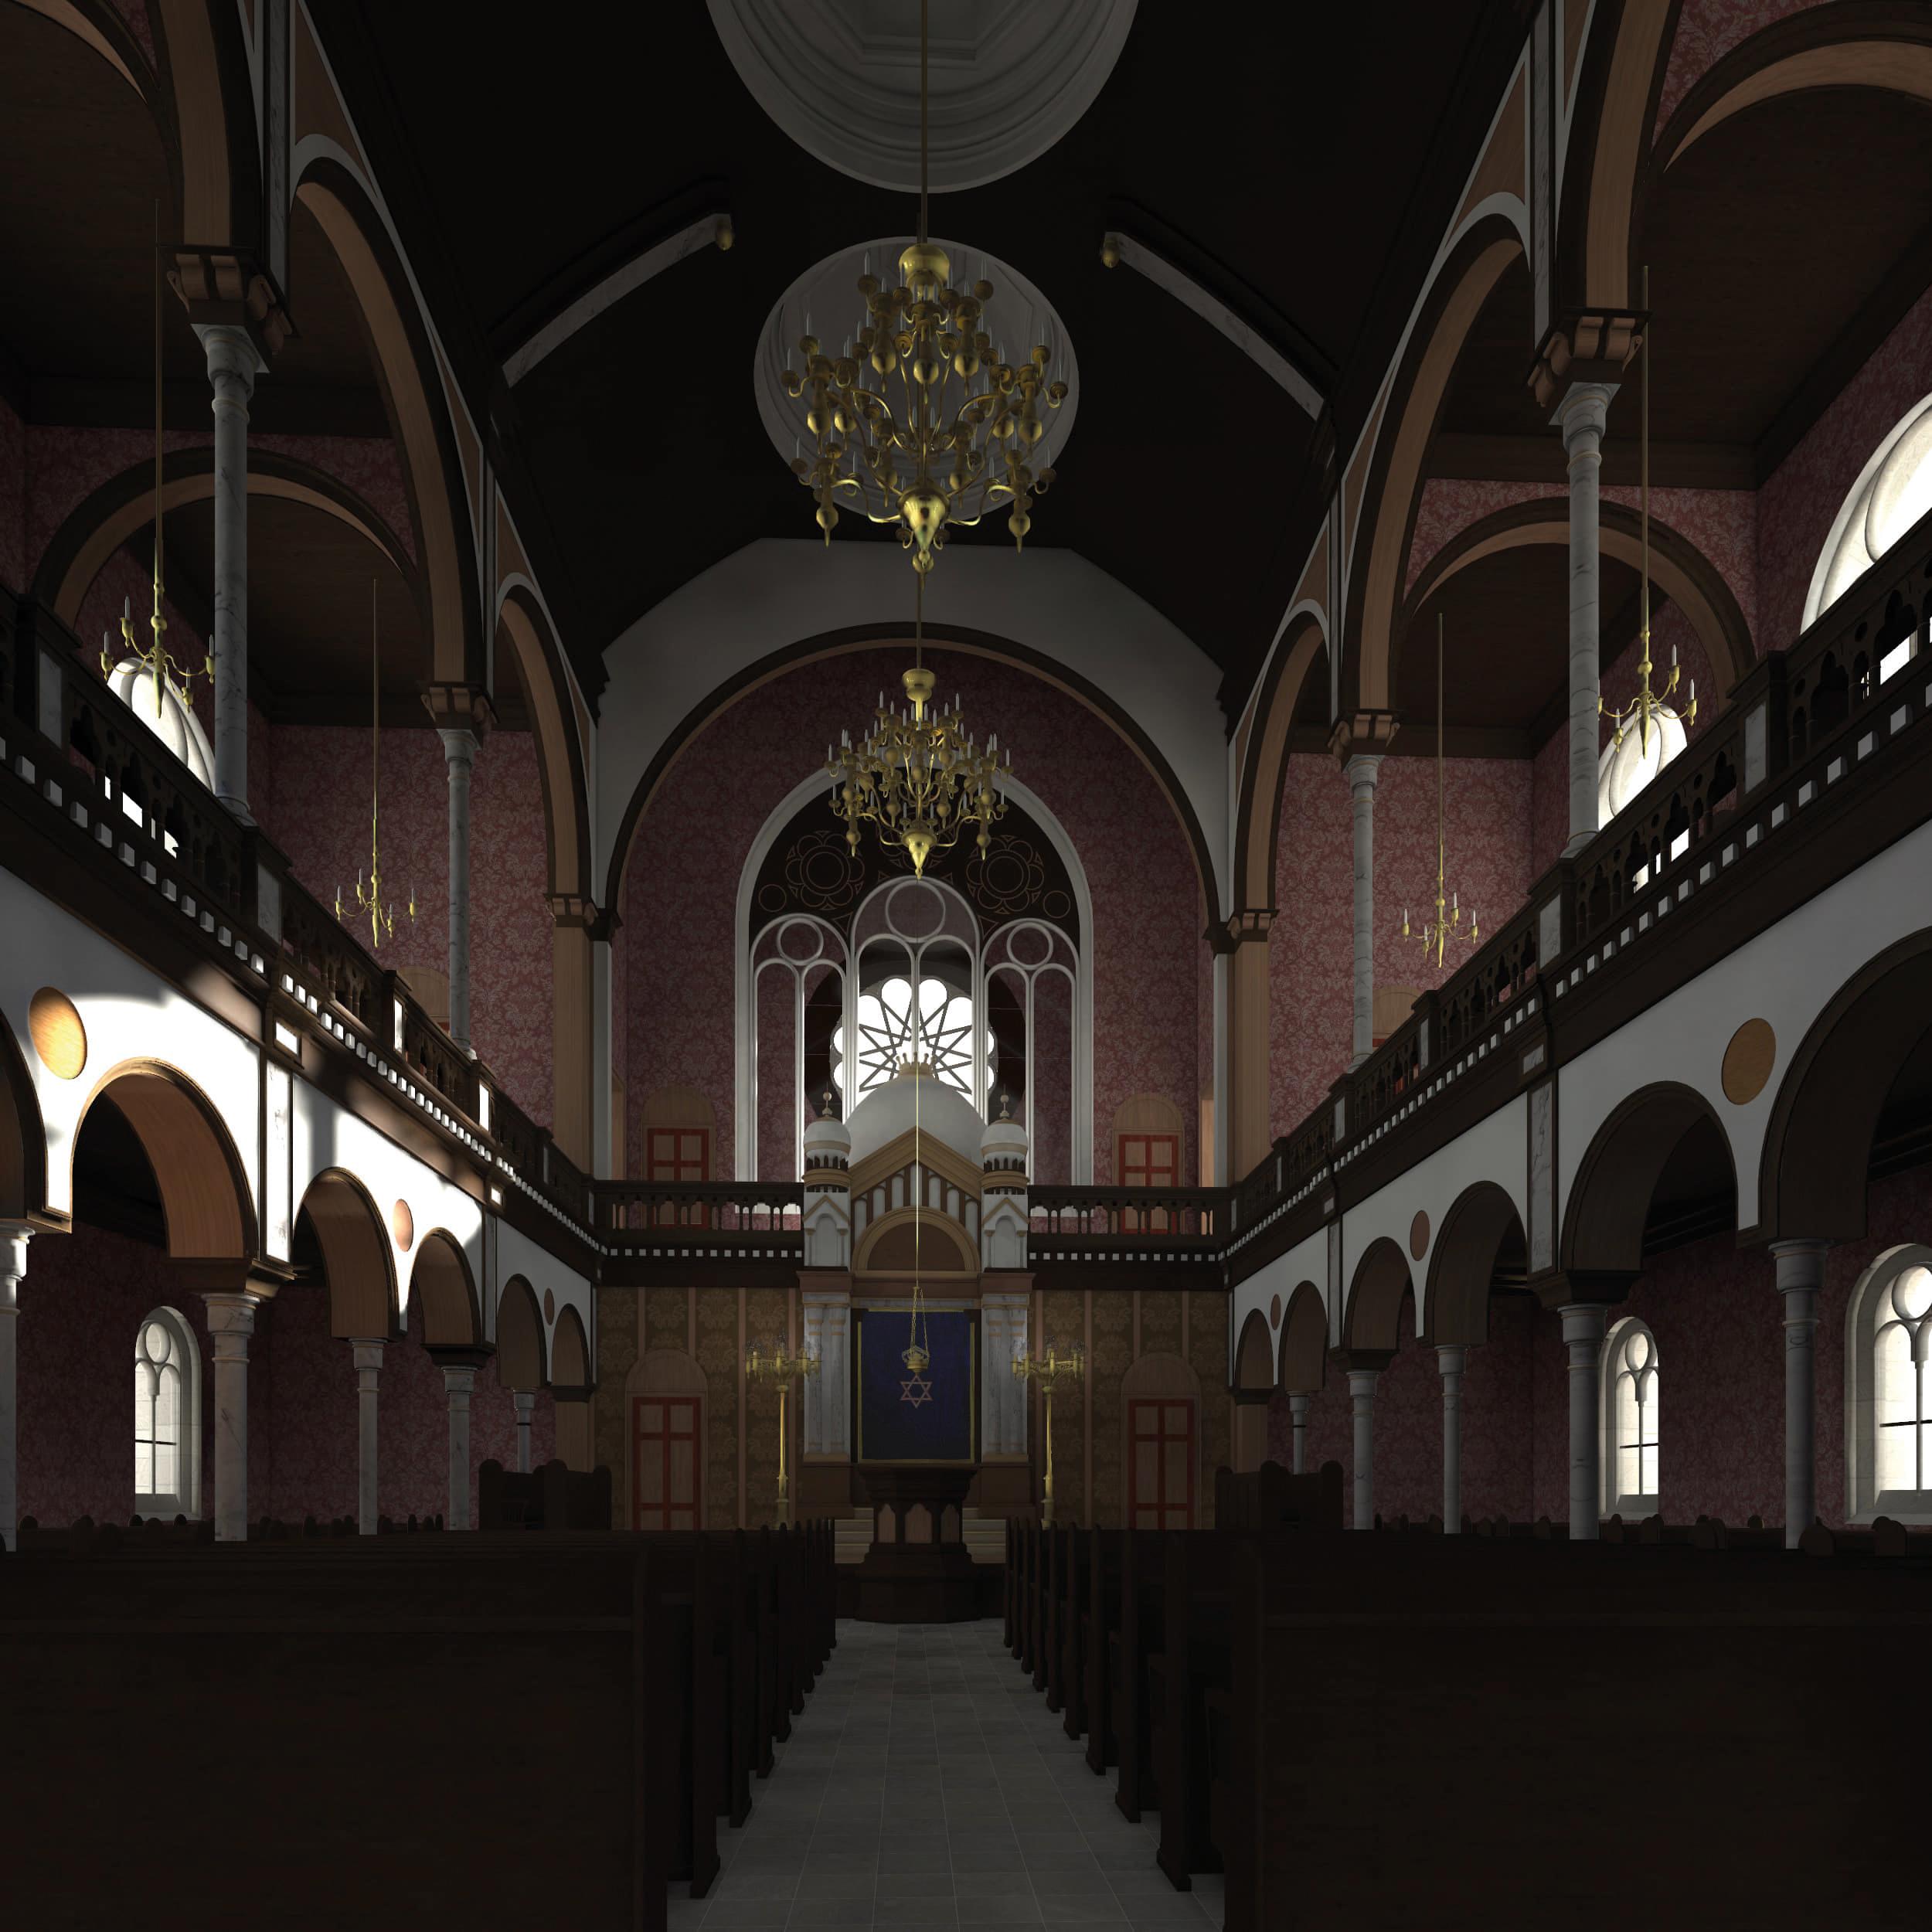 Visualisierung der Synagoge Marienbad, Innenansicht, Mittelgang